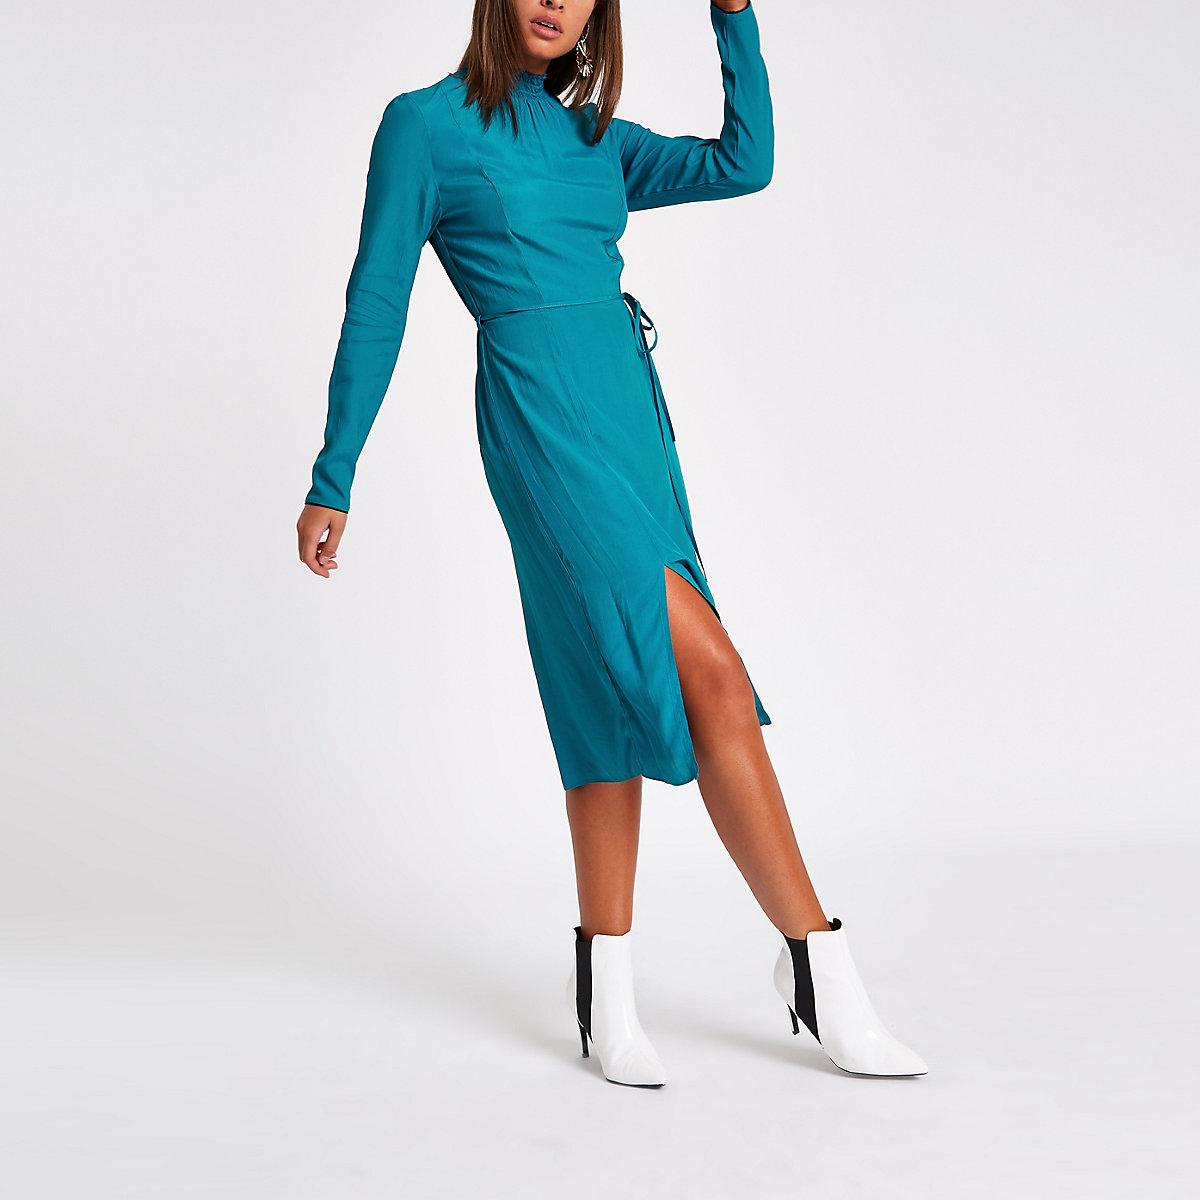 Robe mi-longue bleu foncé fendue à encolure haute froncée